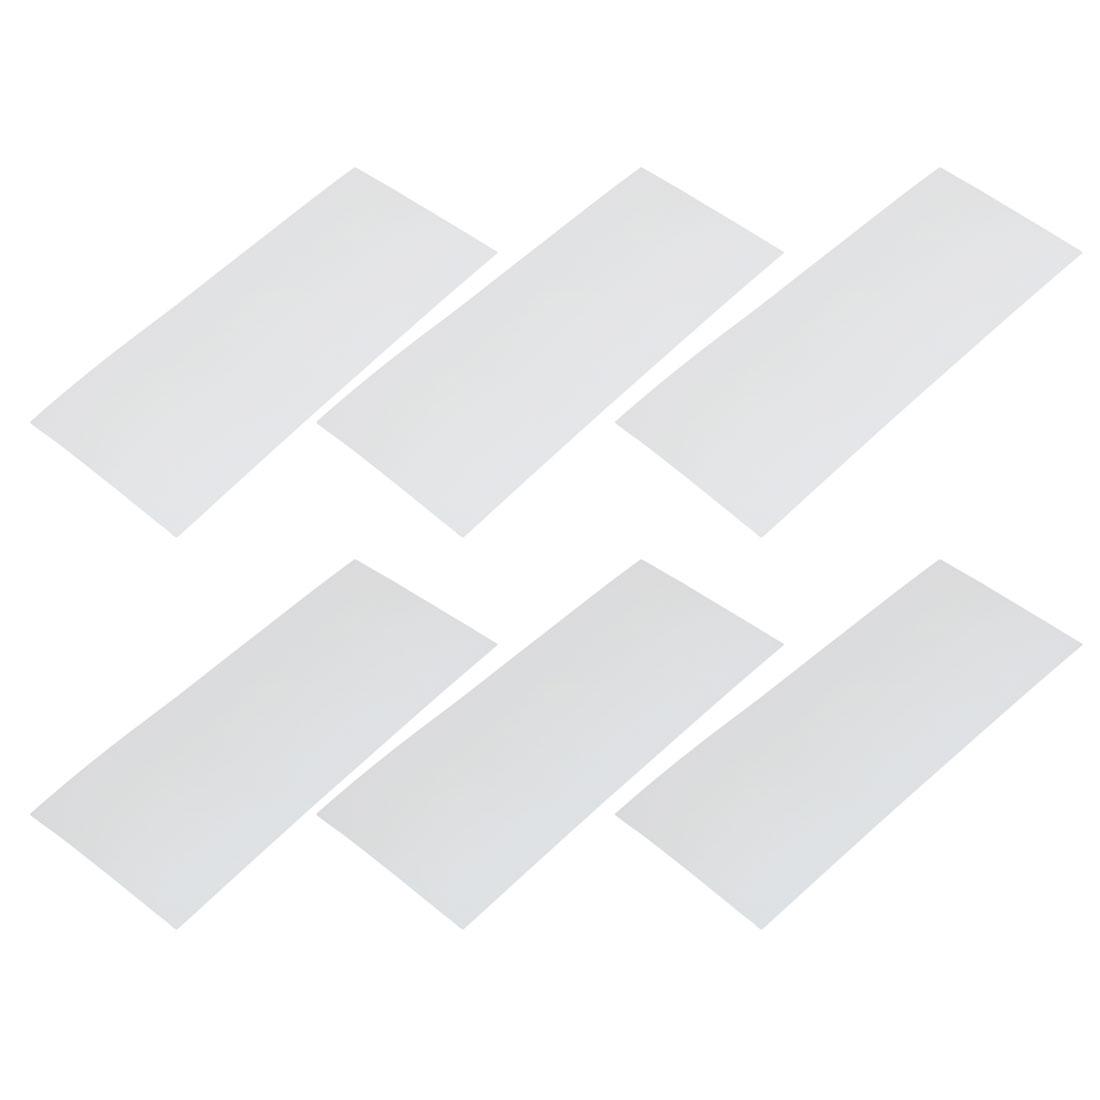 6pcs 29.5mm Flat Width 72mm Long PVC Heat Shrinkable Tube White for Battery Pack